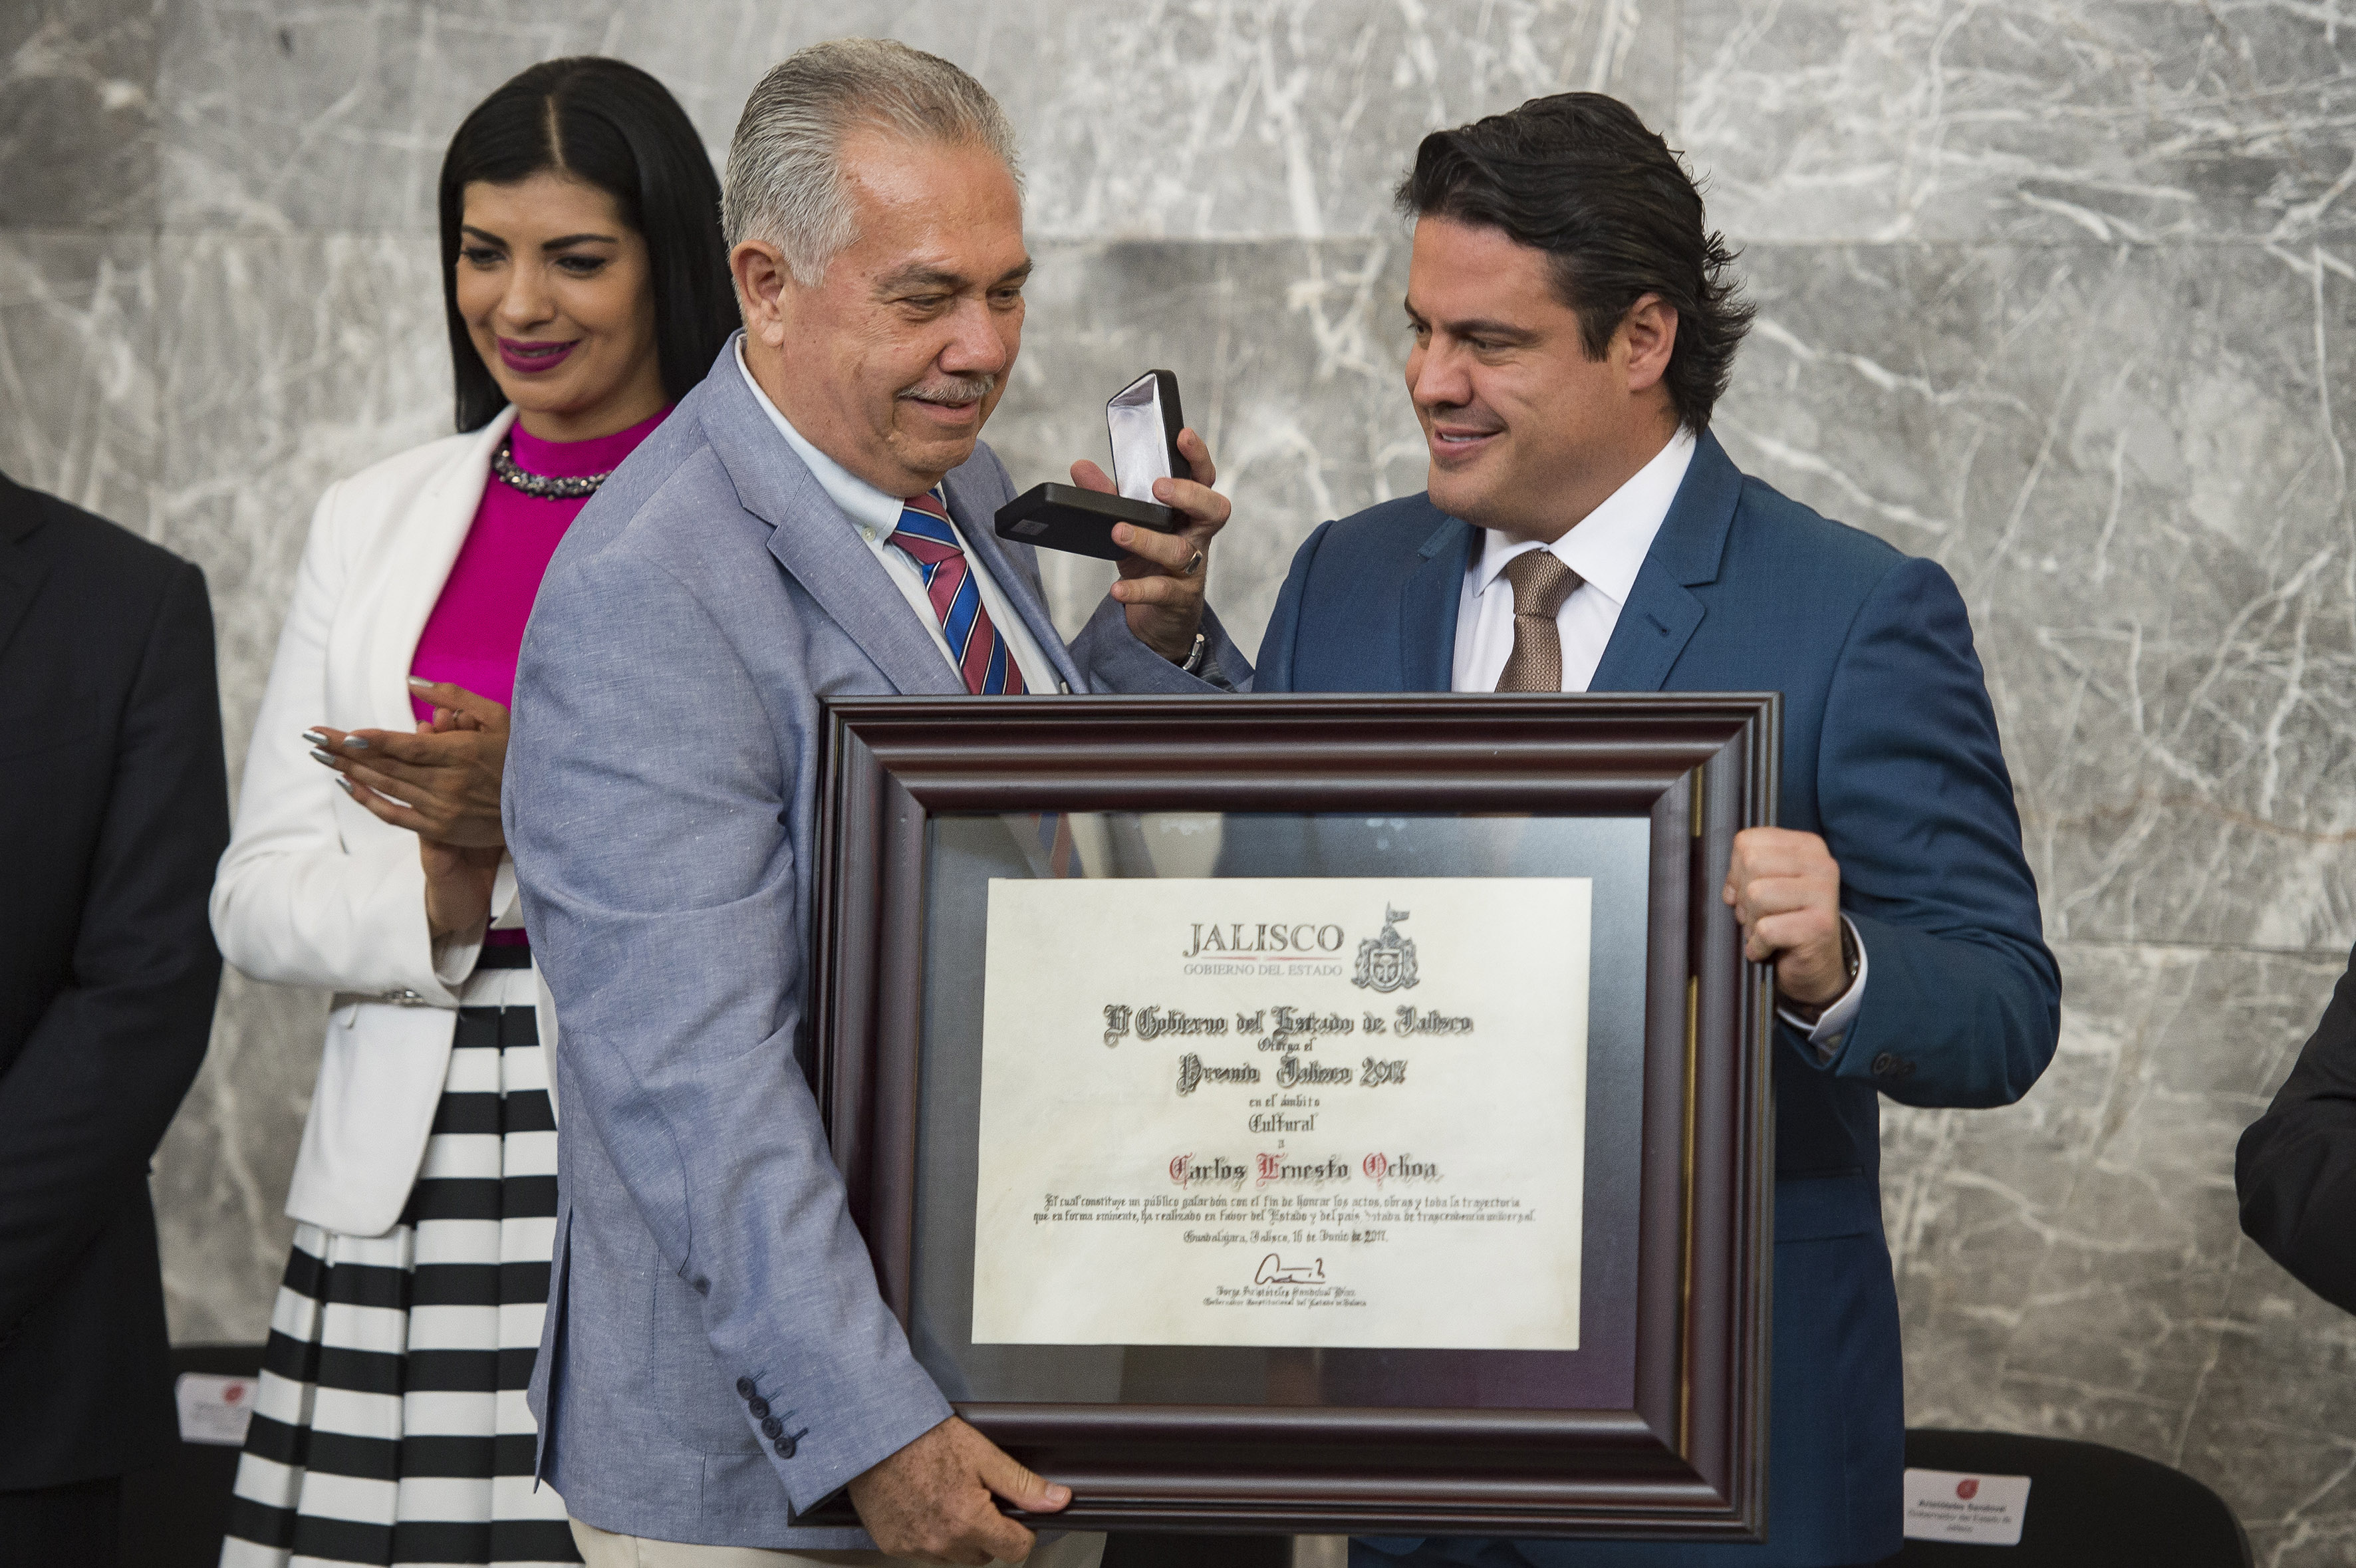 Gobernador de Jalisco, maestro Jorge Aristóteles Sandoval Díaz, haciendo entrega de reconocimiento al maestro Carlos Ernesto Ochoa, director del Ballet Folclórico de esta Casa de Estudio